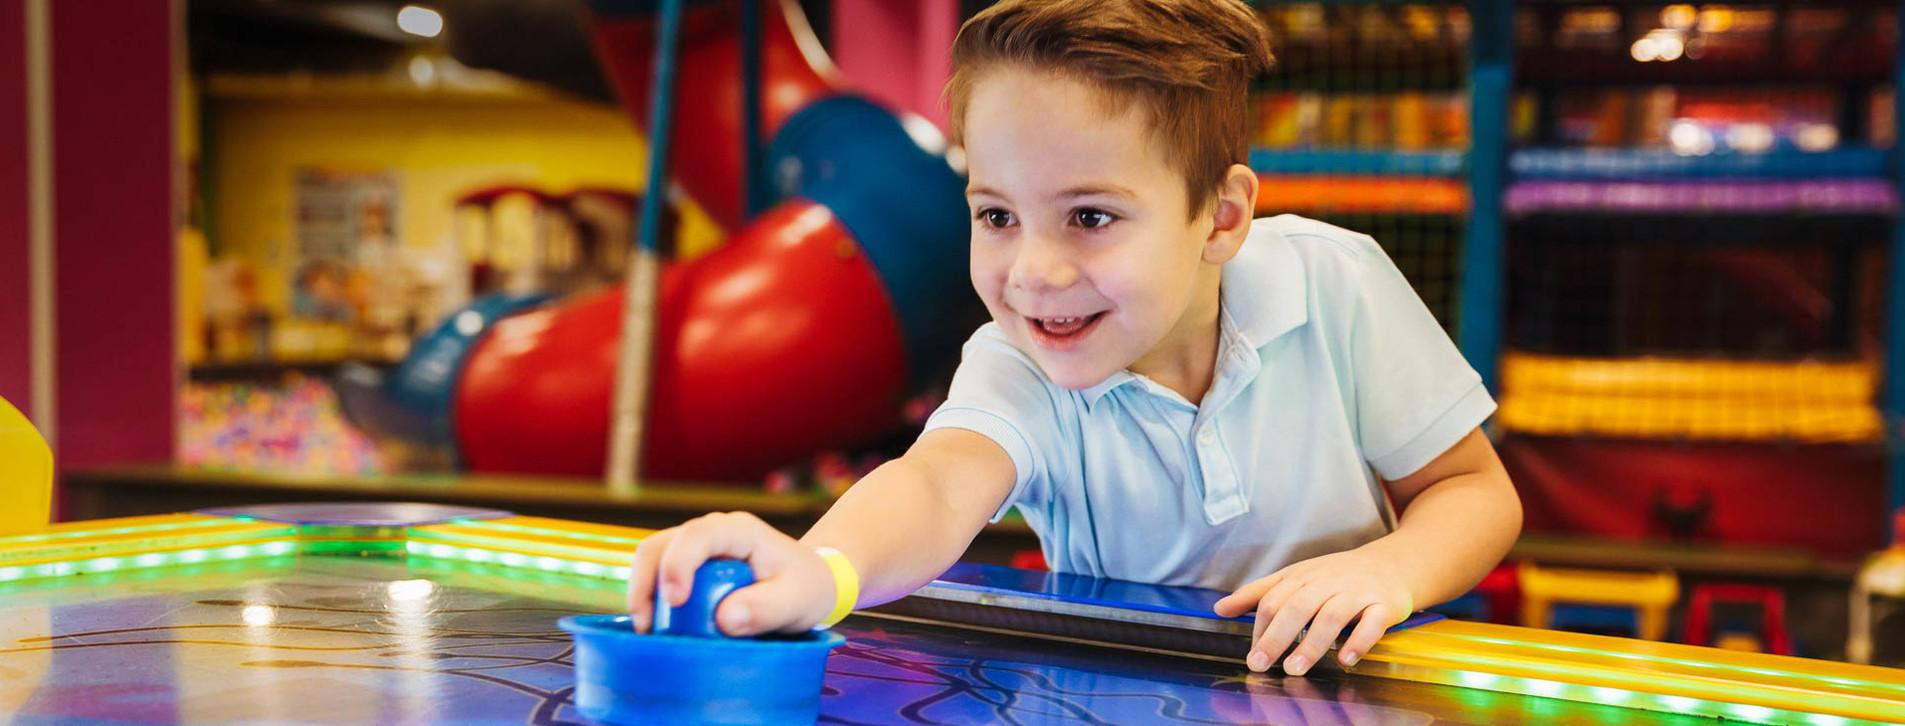 Фото 1 - Детский парк развлечений